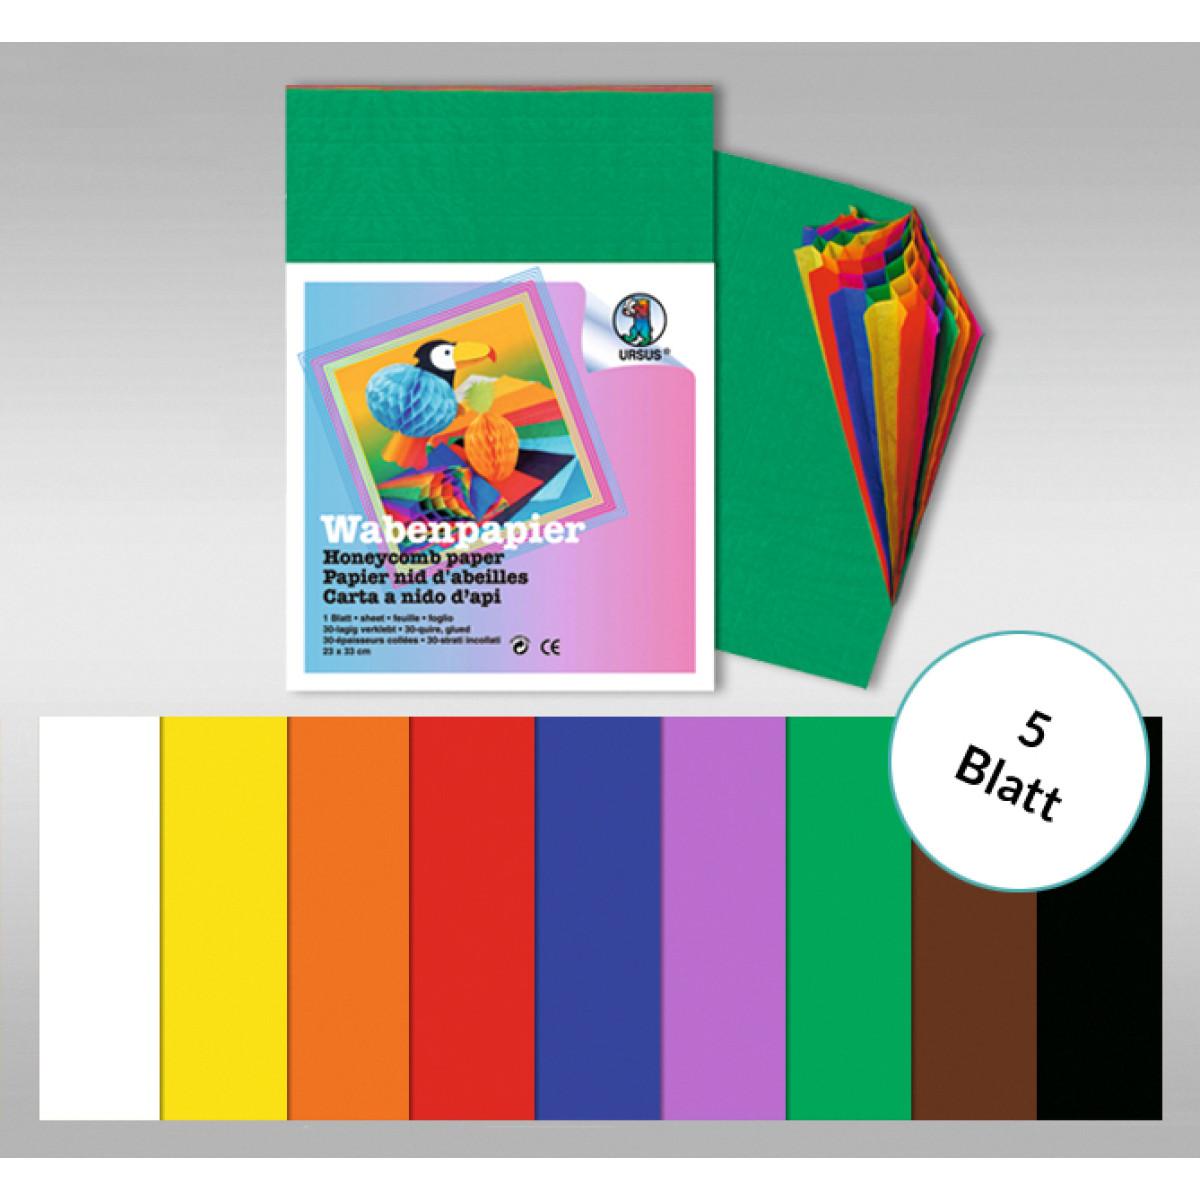 Regenbogen-Wabenpapier 34,5 x 49,5 cm - 5 Blatt